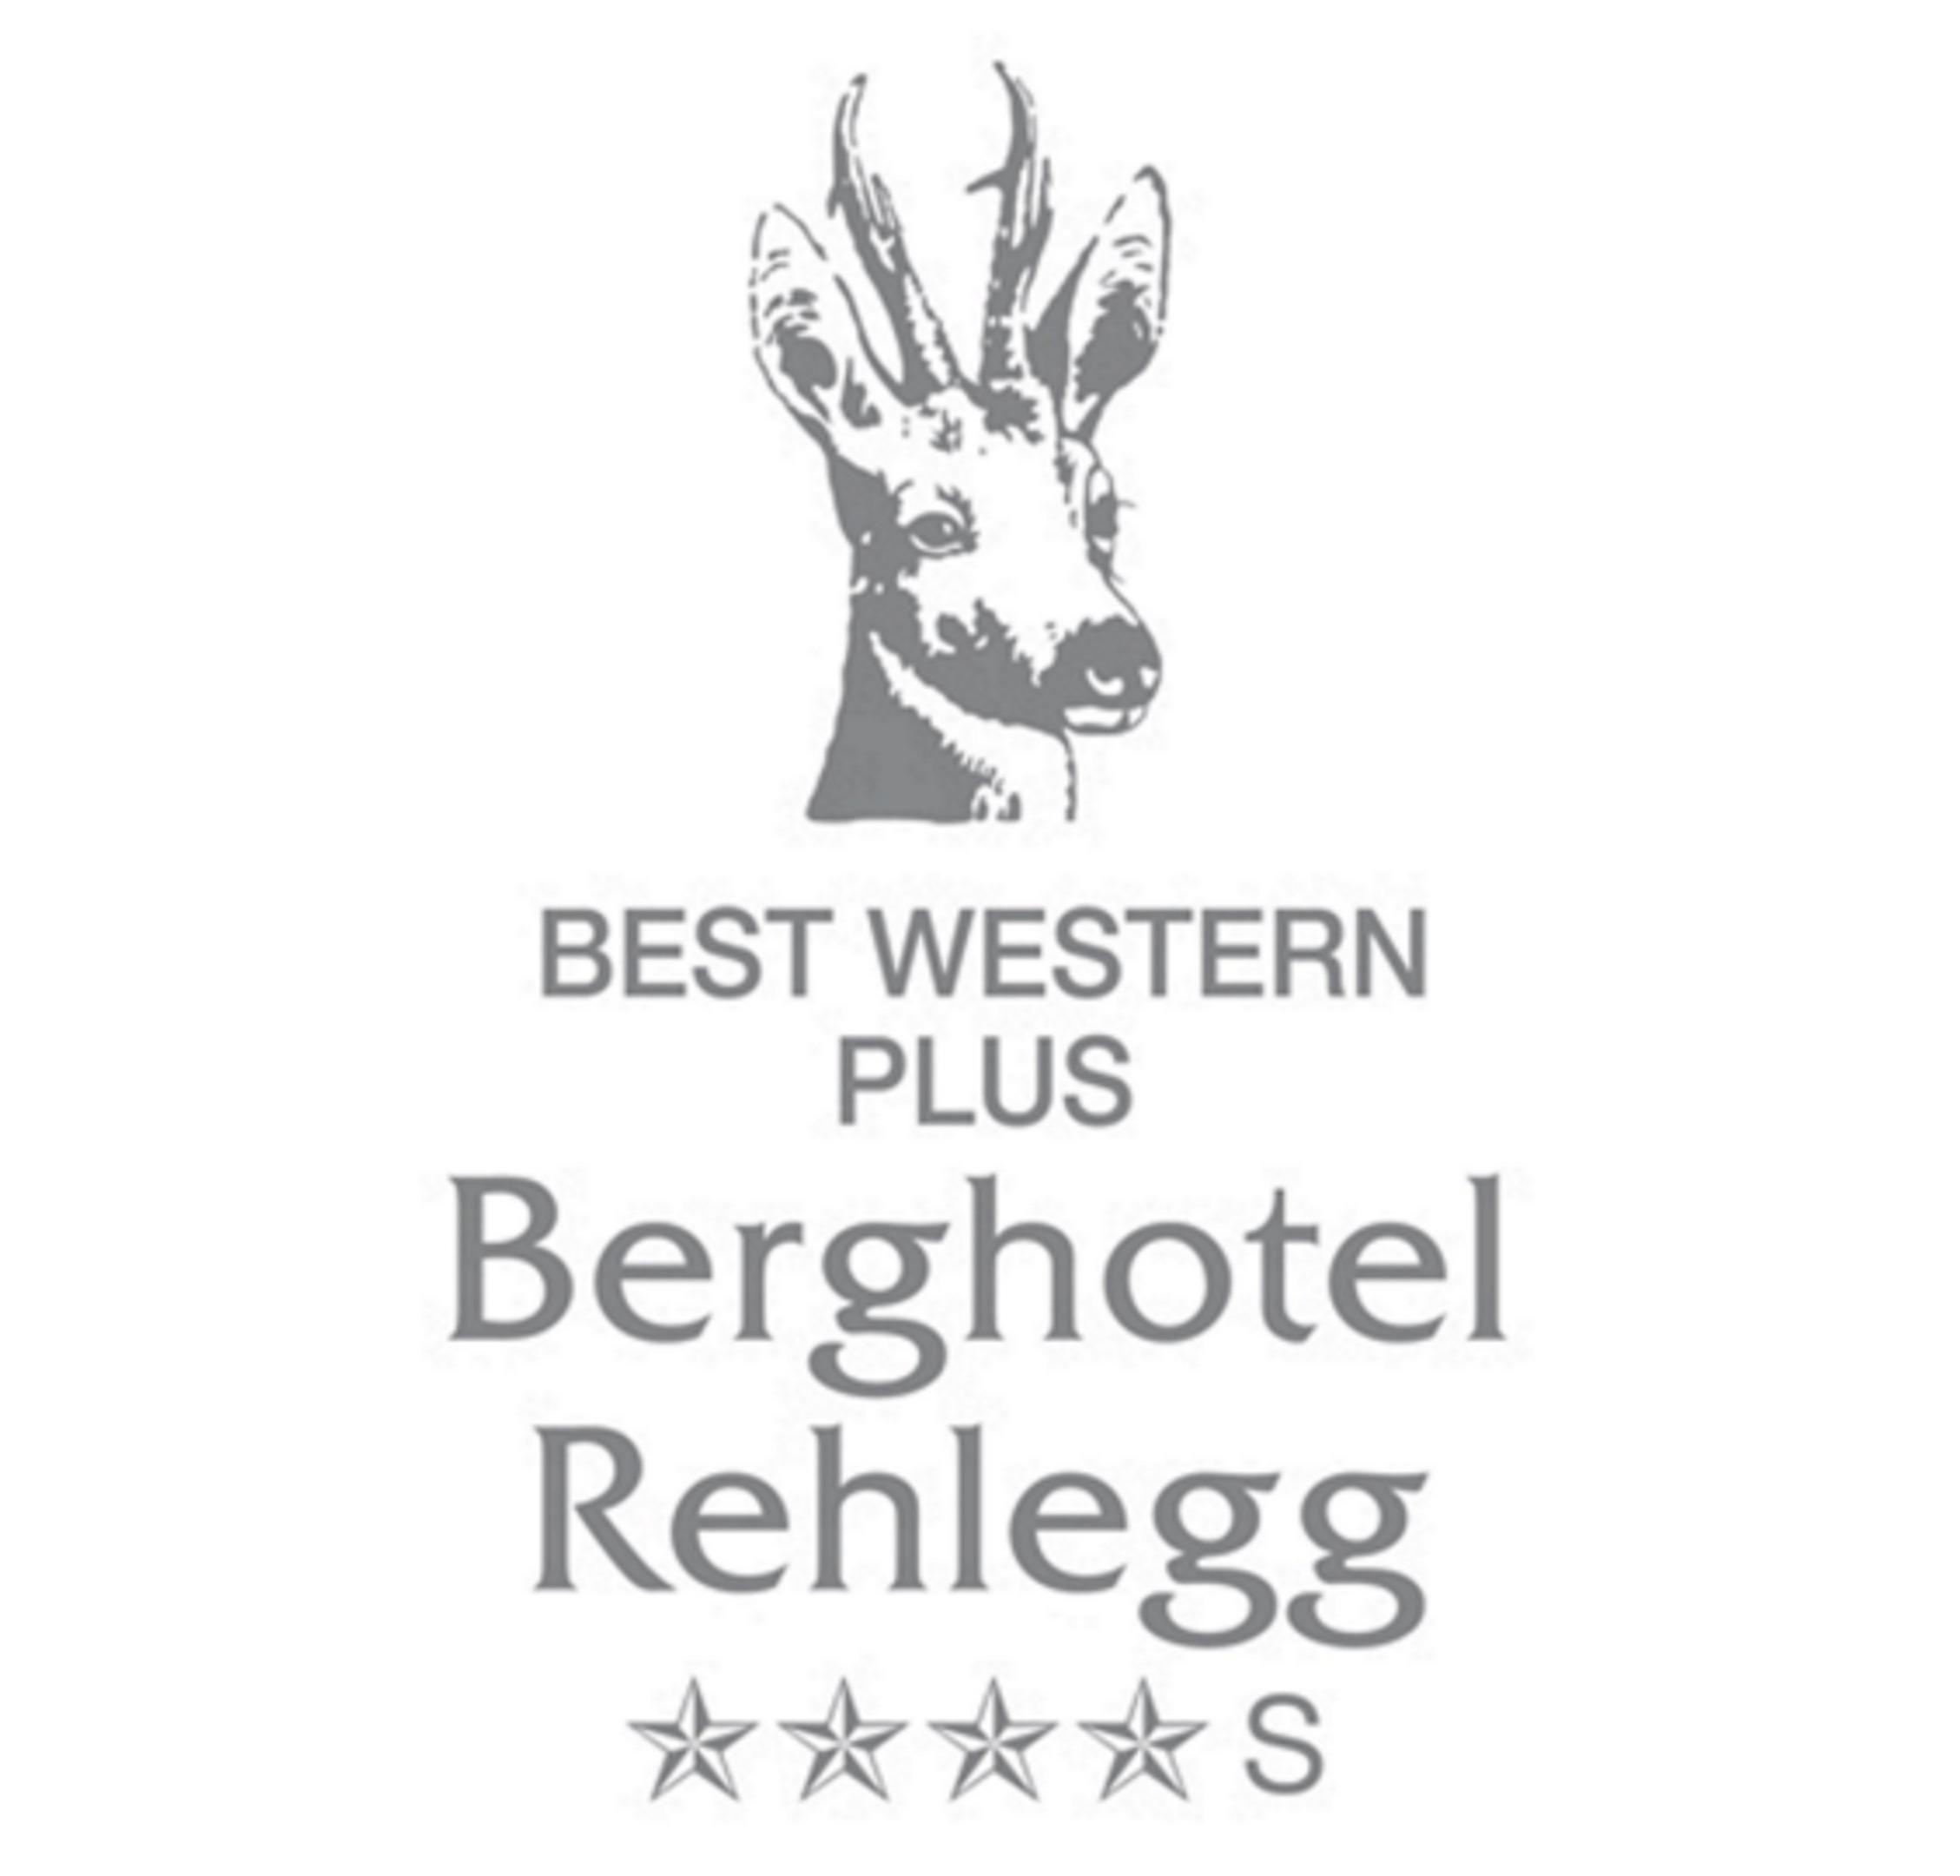 Rehlegg Berghotel